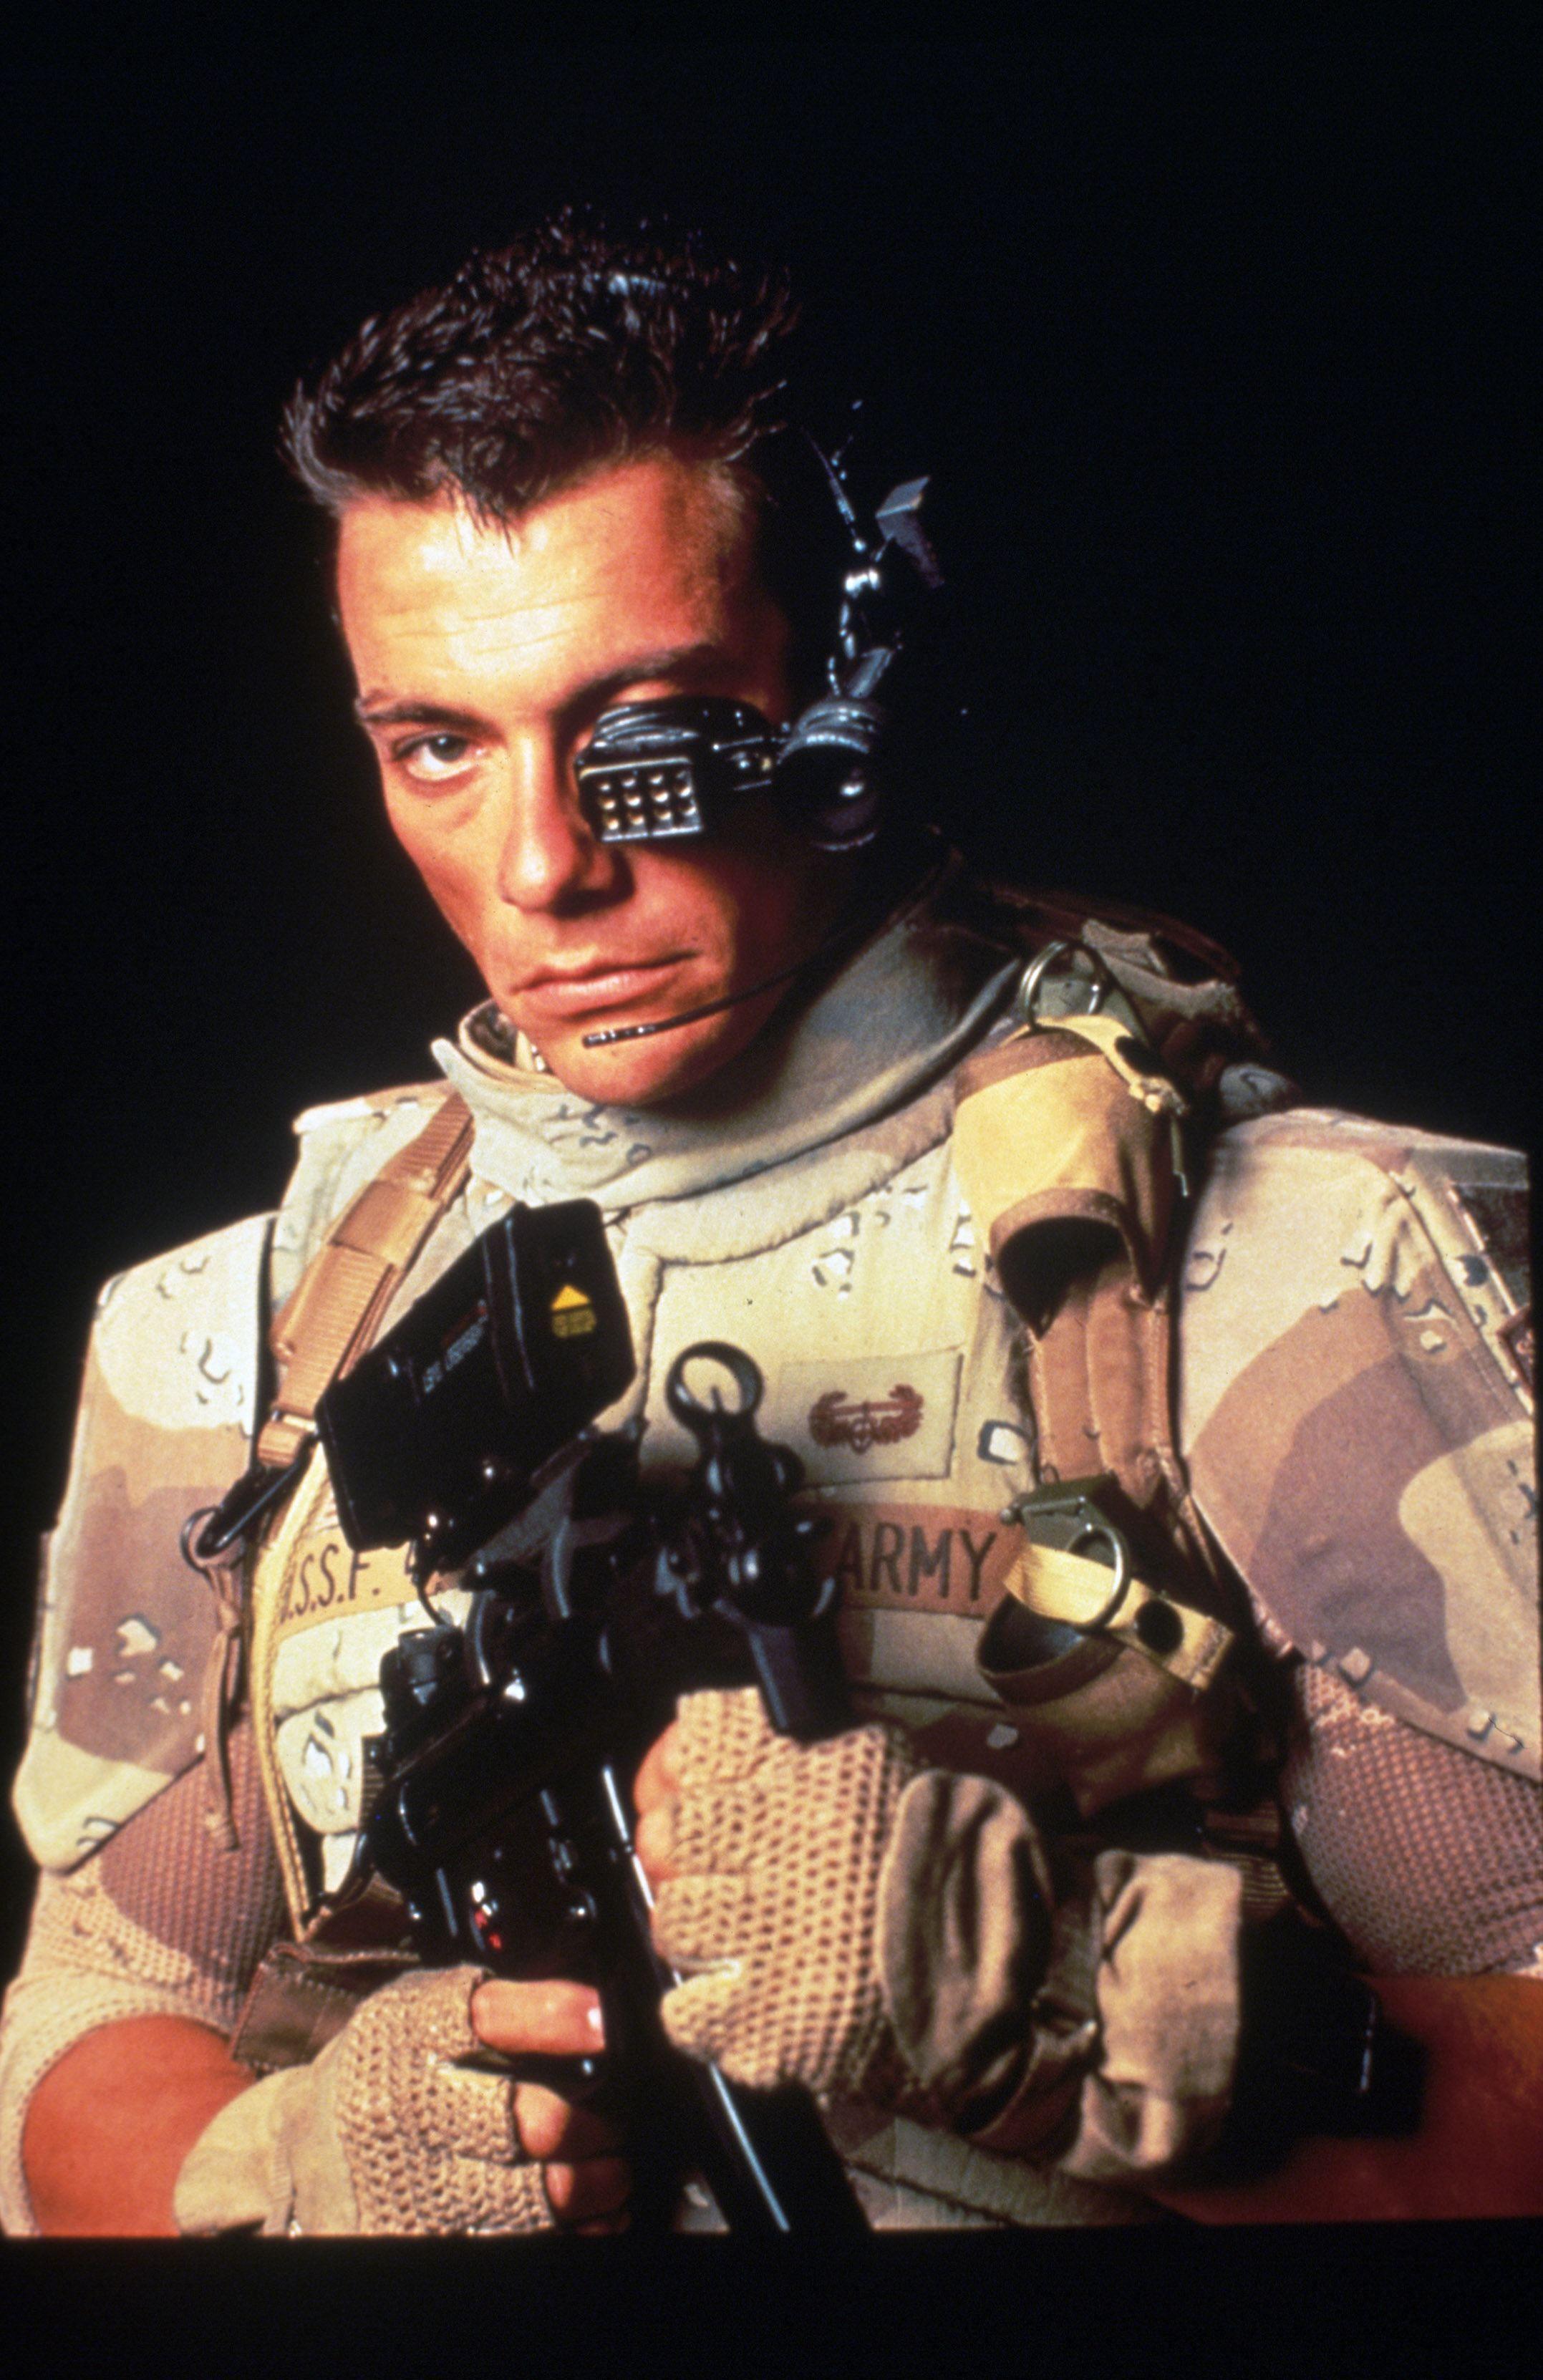 universal soldier promo shot of jeanclaude van damme action